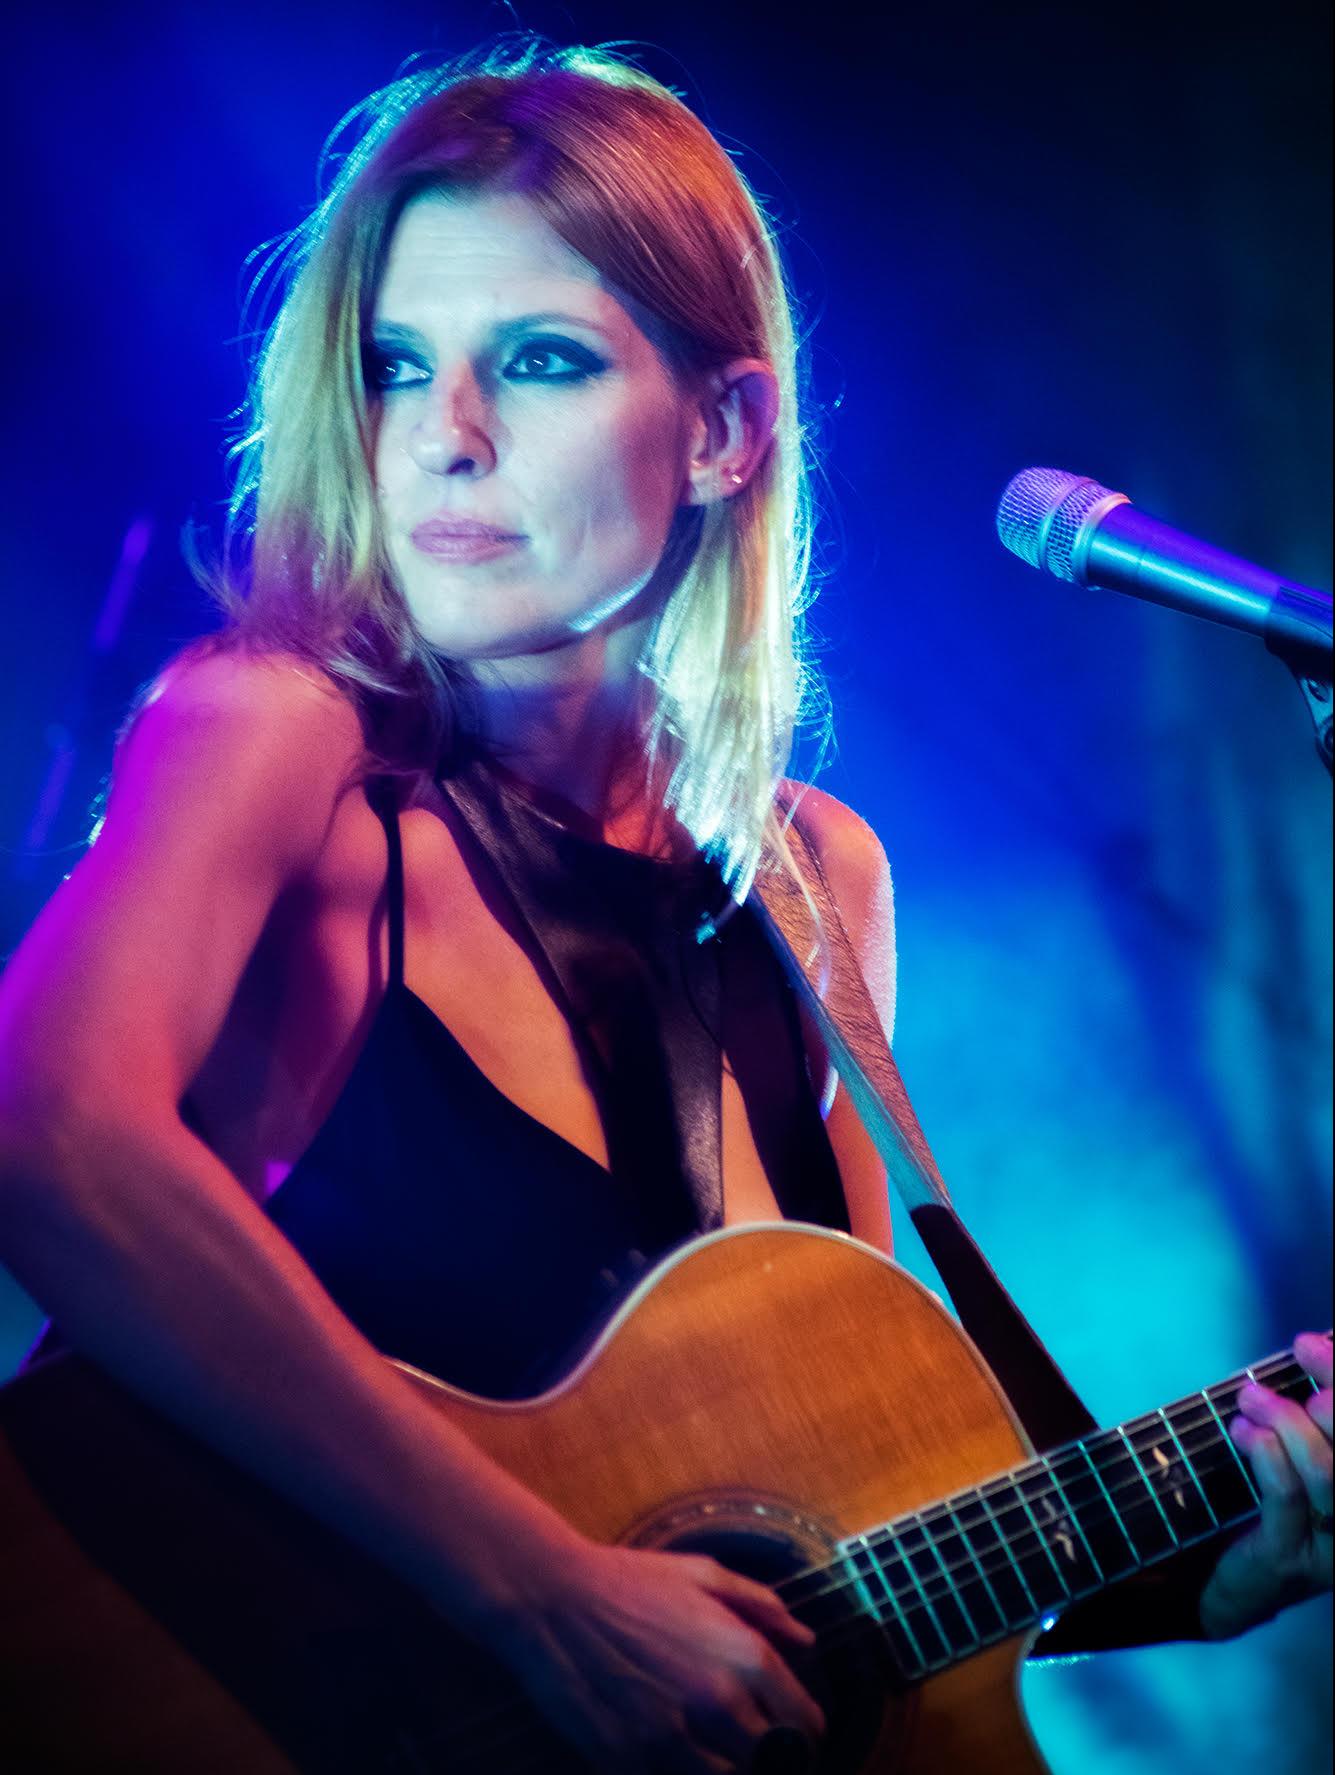 אמהות מוזיקאיות: תמונה של דנה ברגר